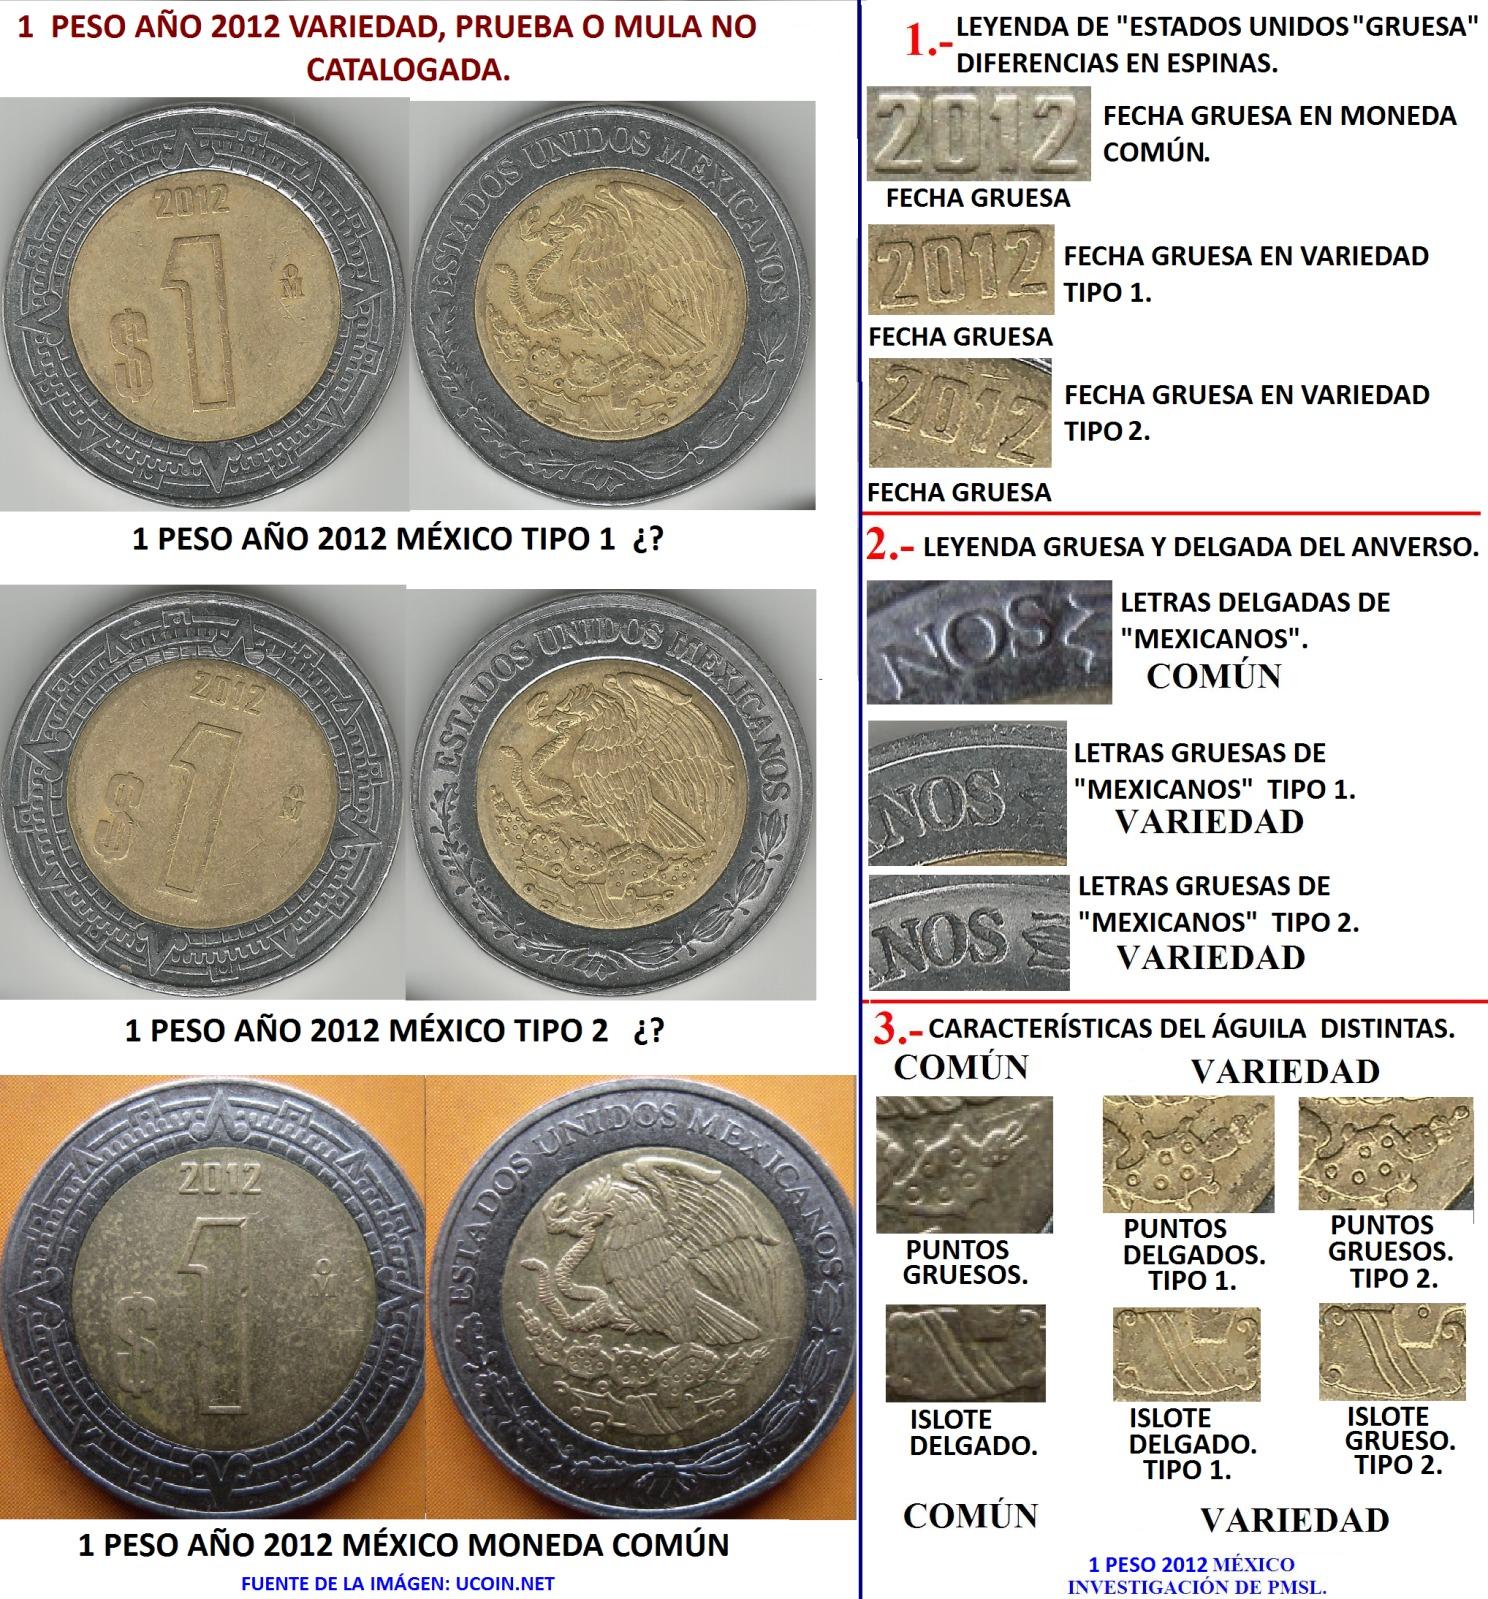 Pesos Mexicanos Actuales: últimos descubrimientos más raros. 2hdmy3k